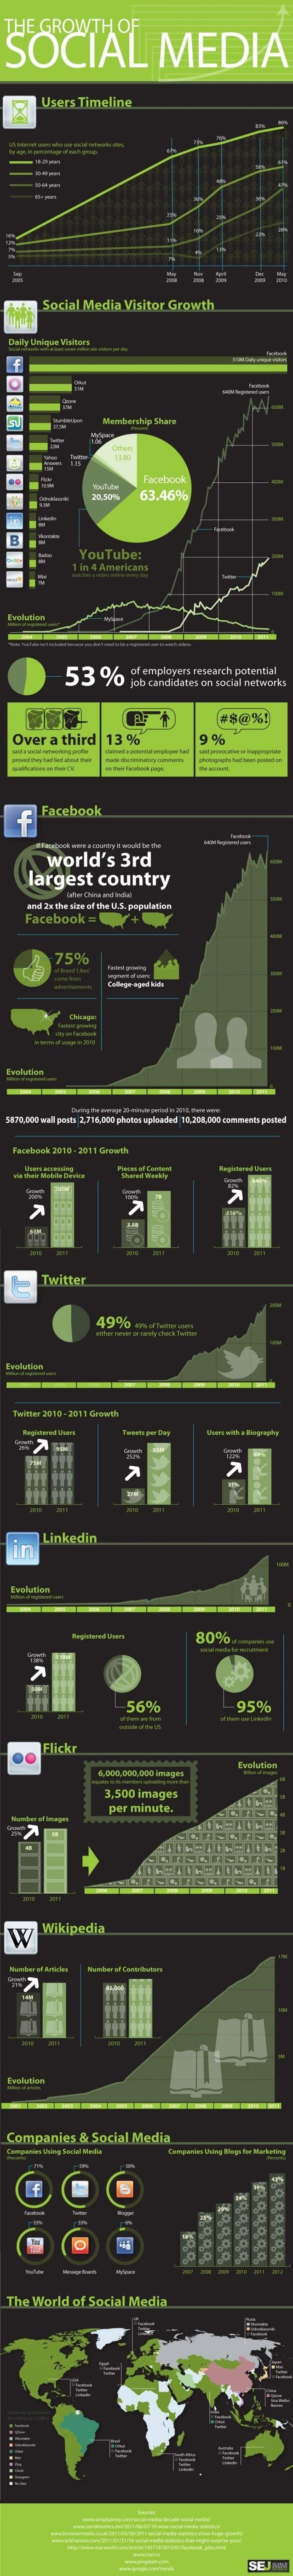 Infografía del crecimiento del social media en 2011